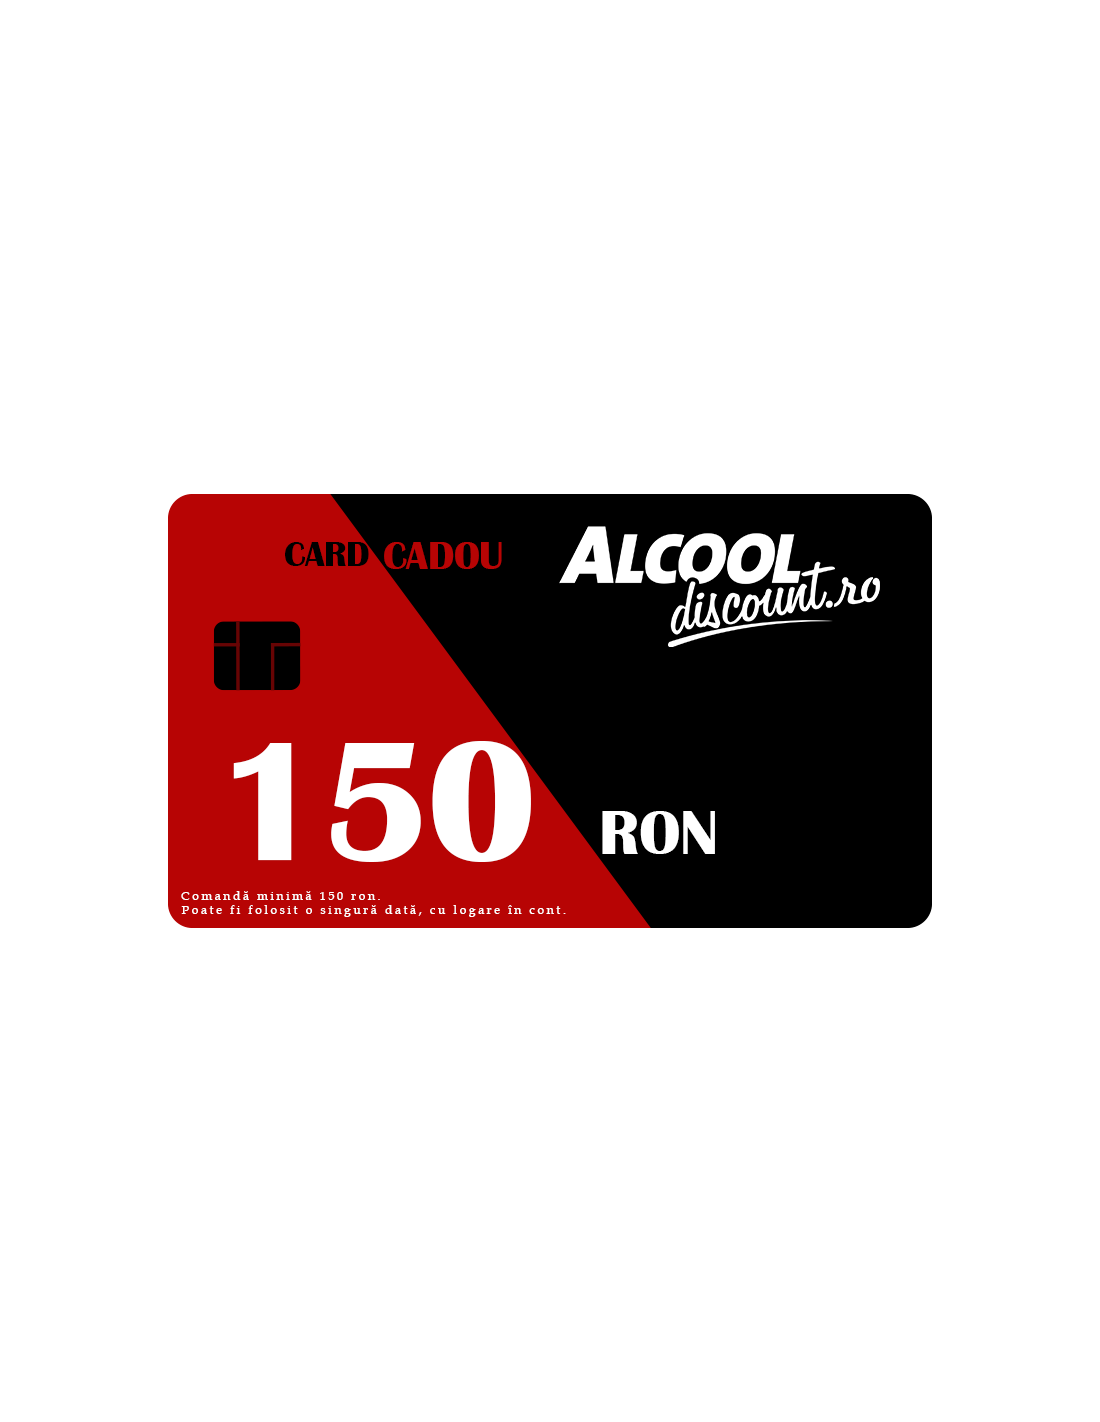 CARD CADOU 150 RON